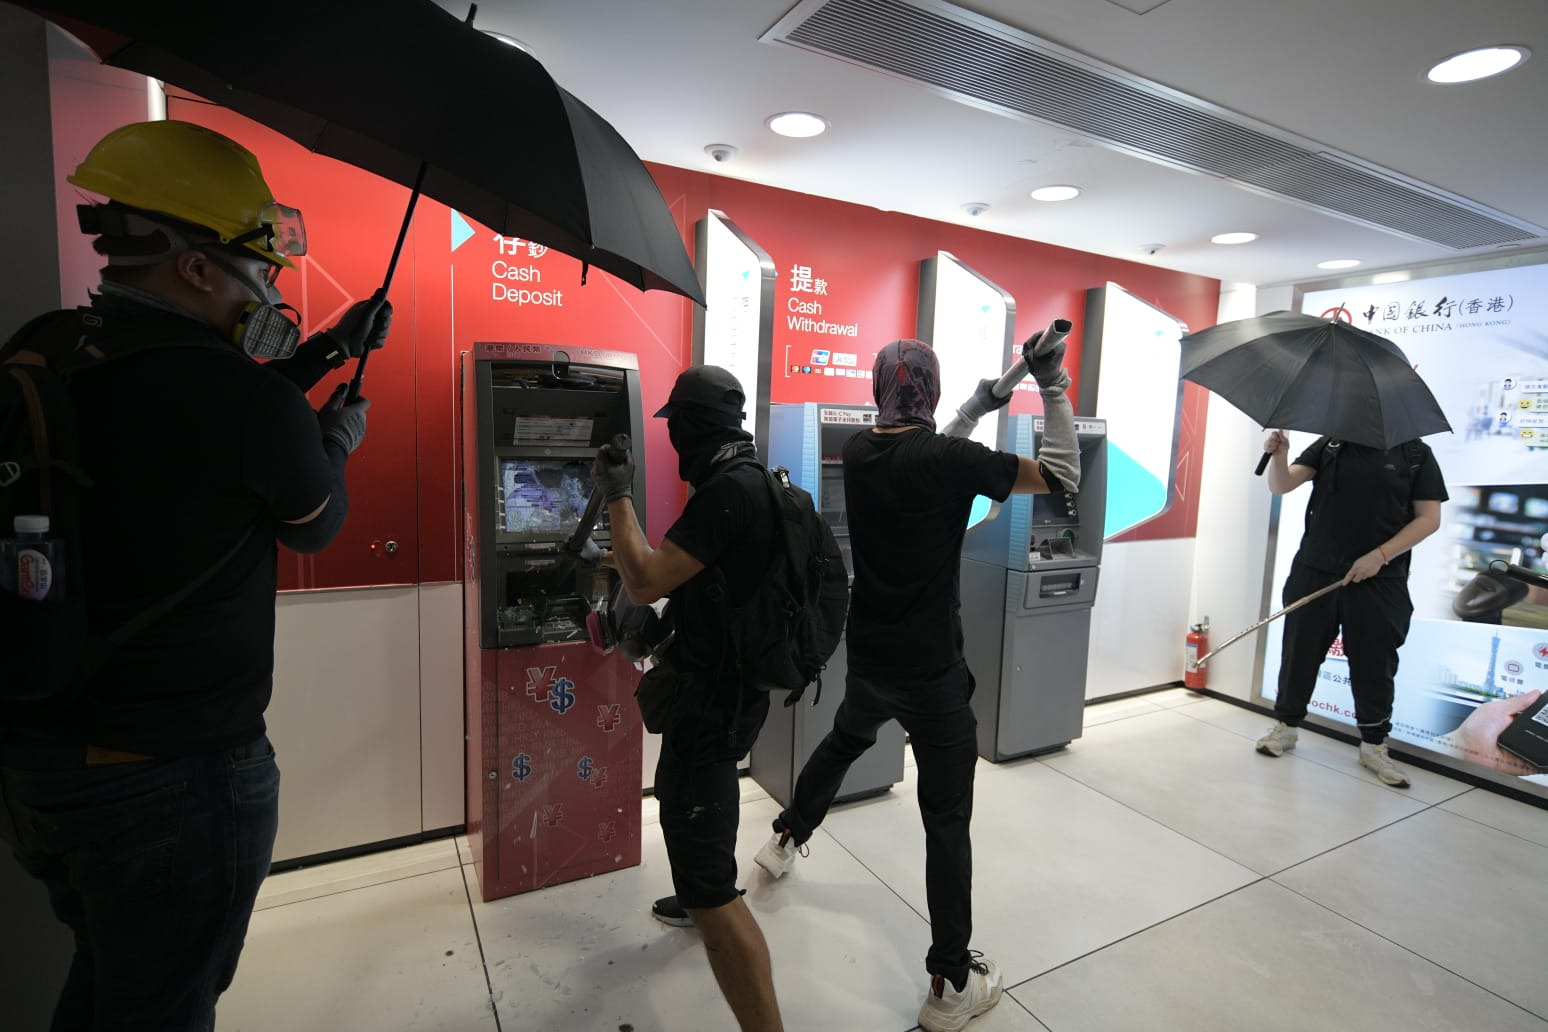 示威者破壞銀行櫃員機